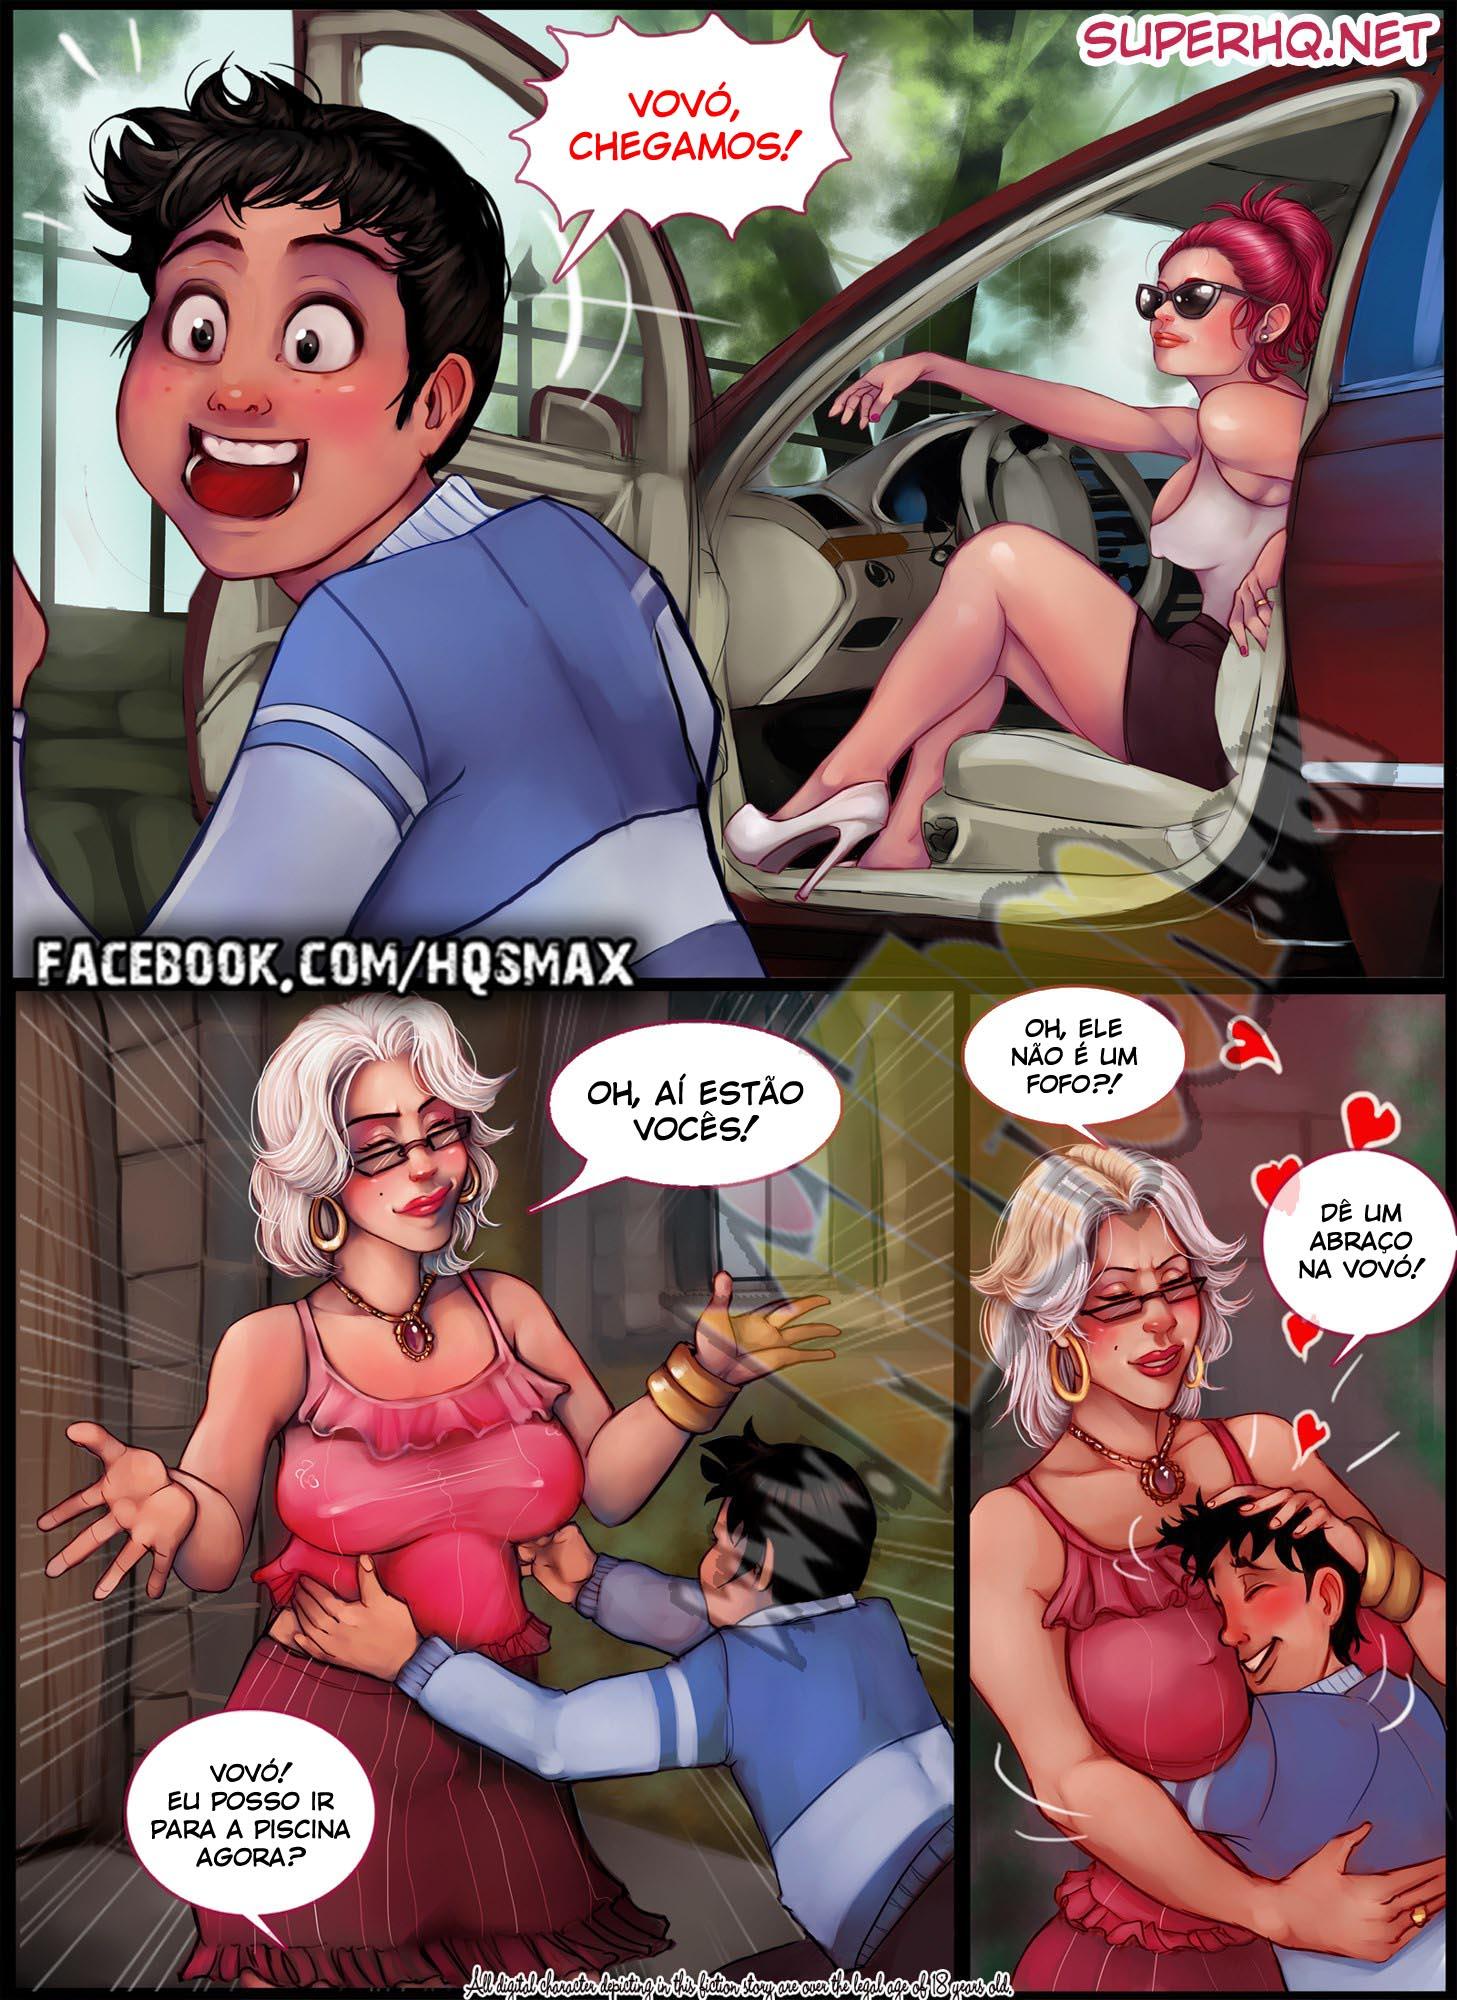 Grand Prize: Quadrinhos eroticos com vovozona gostosa